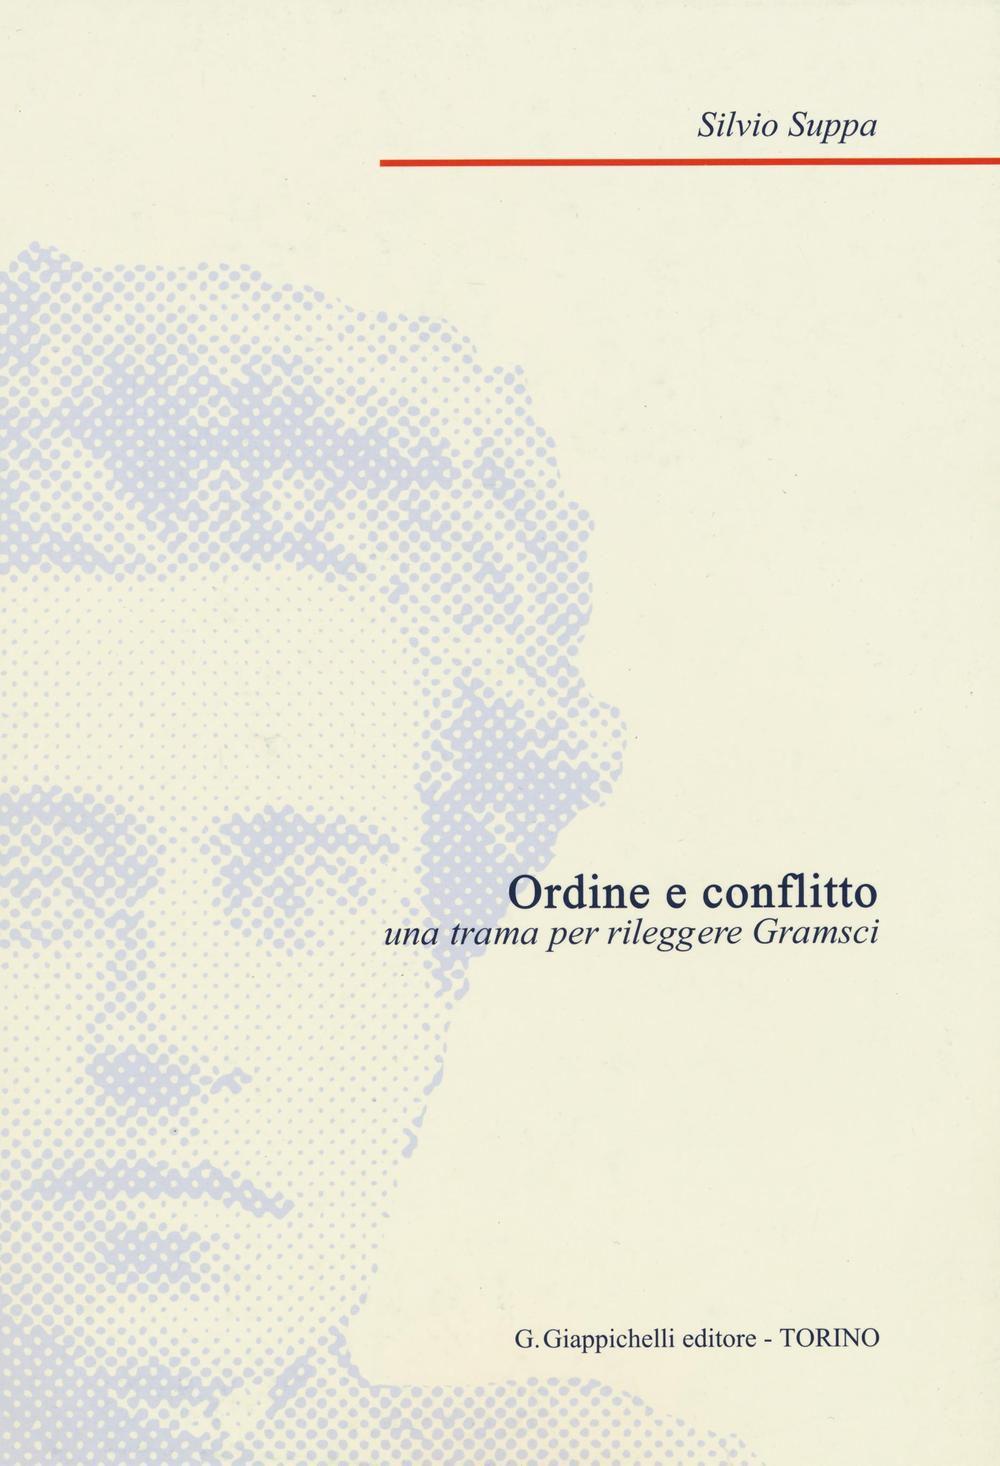 Ordine e conflitto: una trama per rileggere Gramsci. Silvio Suppa